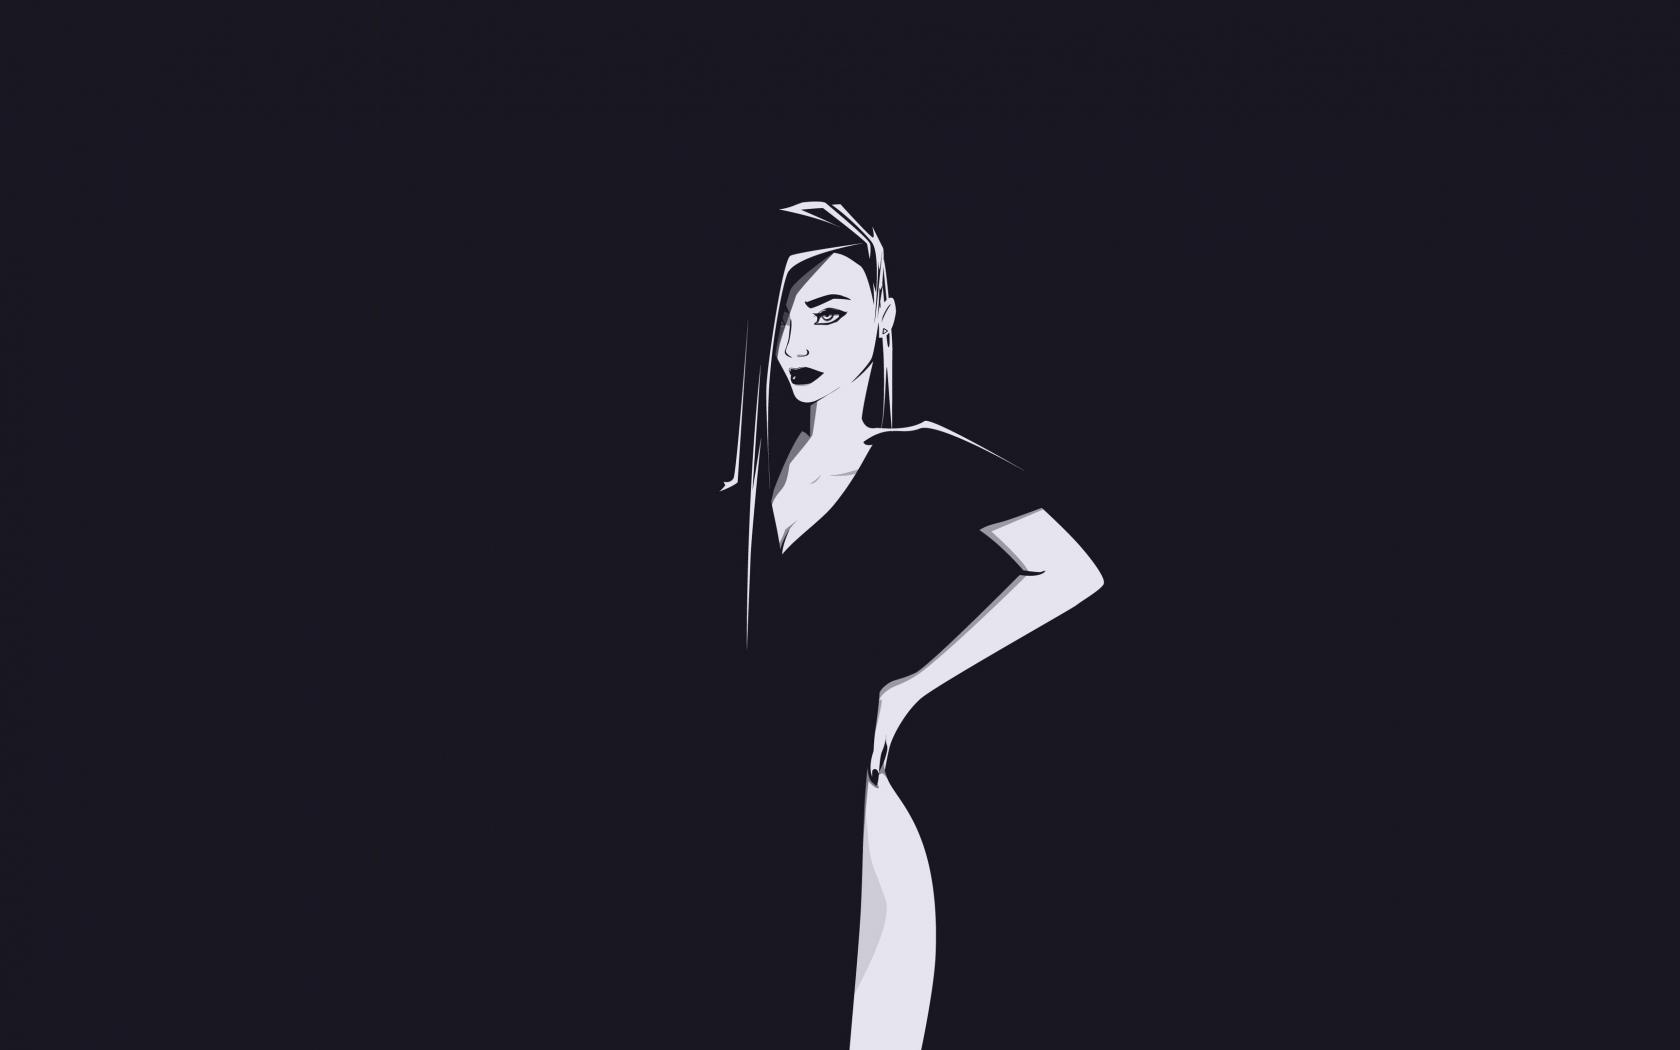 Minimal, urban woman, art, 1680x1050 wallpaper